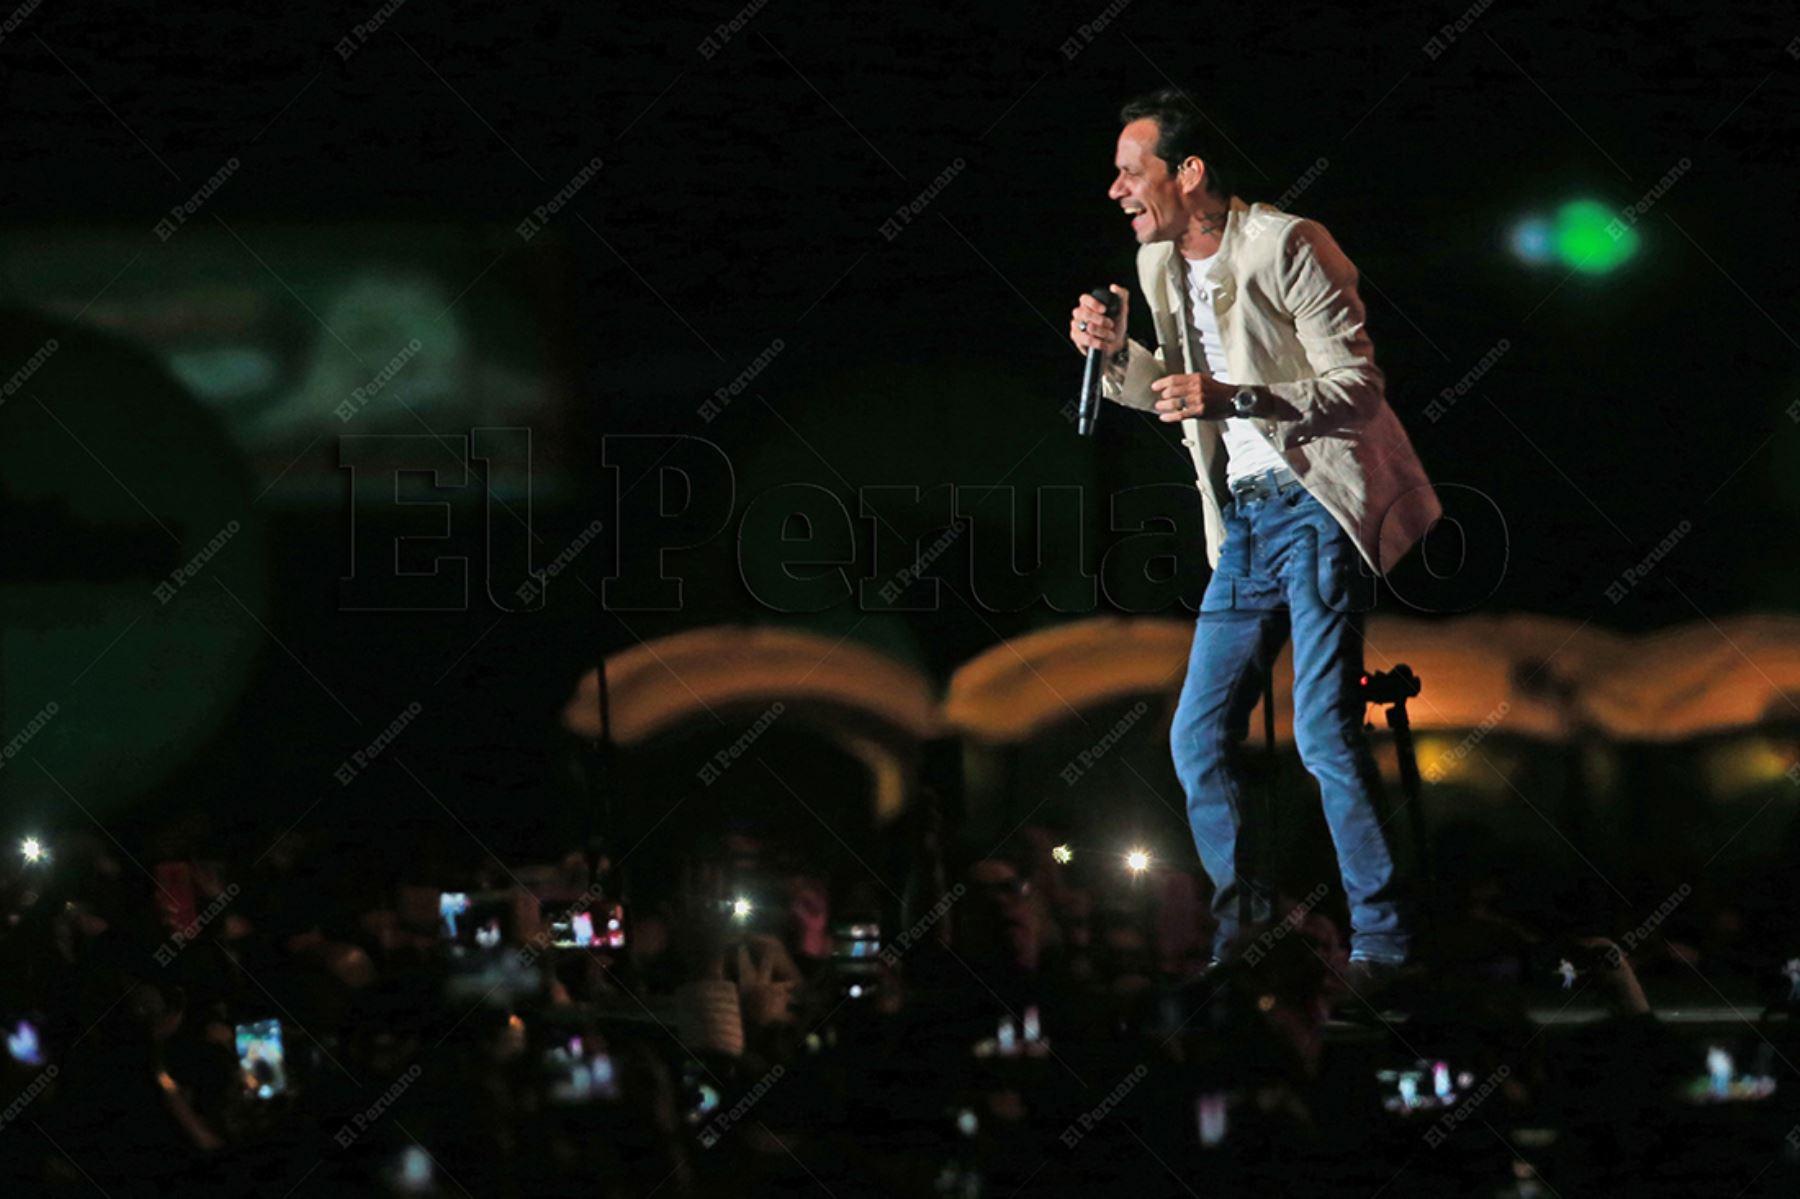 """Lima - 3 agosto 2018 / Marc Antony en  el concierto """"Junto2"""" en el Estadio Monumental. Foto: Diario El Peruano / Jhony Laurente"""